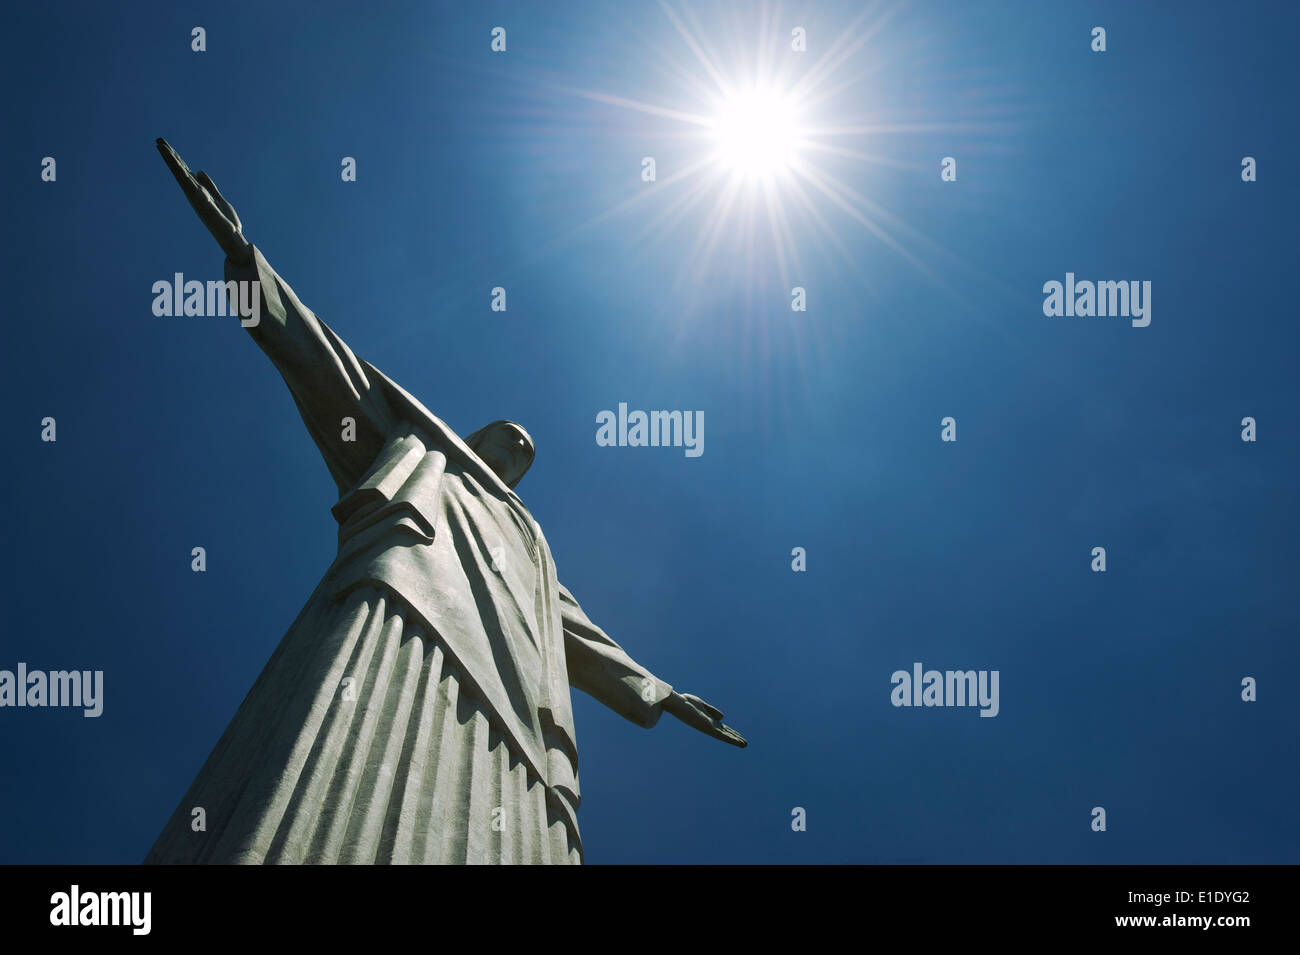 Río de Janeiro, Brasil - 20 de octubre de 2013: Cerca de la estatua del Cristo Redentor en la montaña de Corcovado bajo el sol. Imagen De Stock